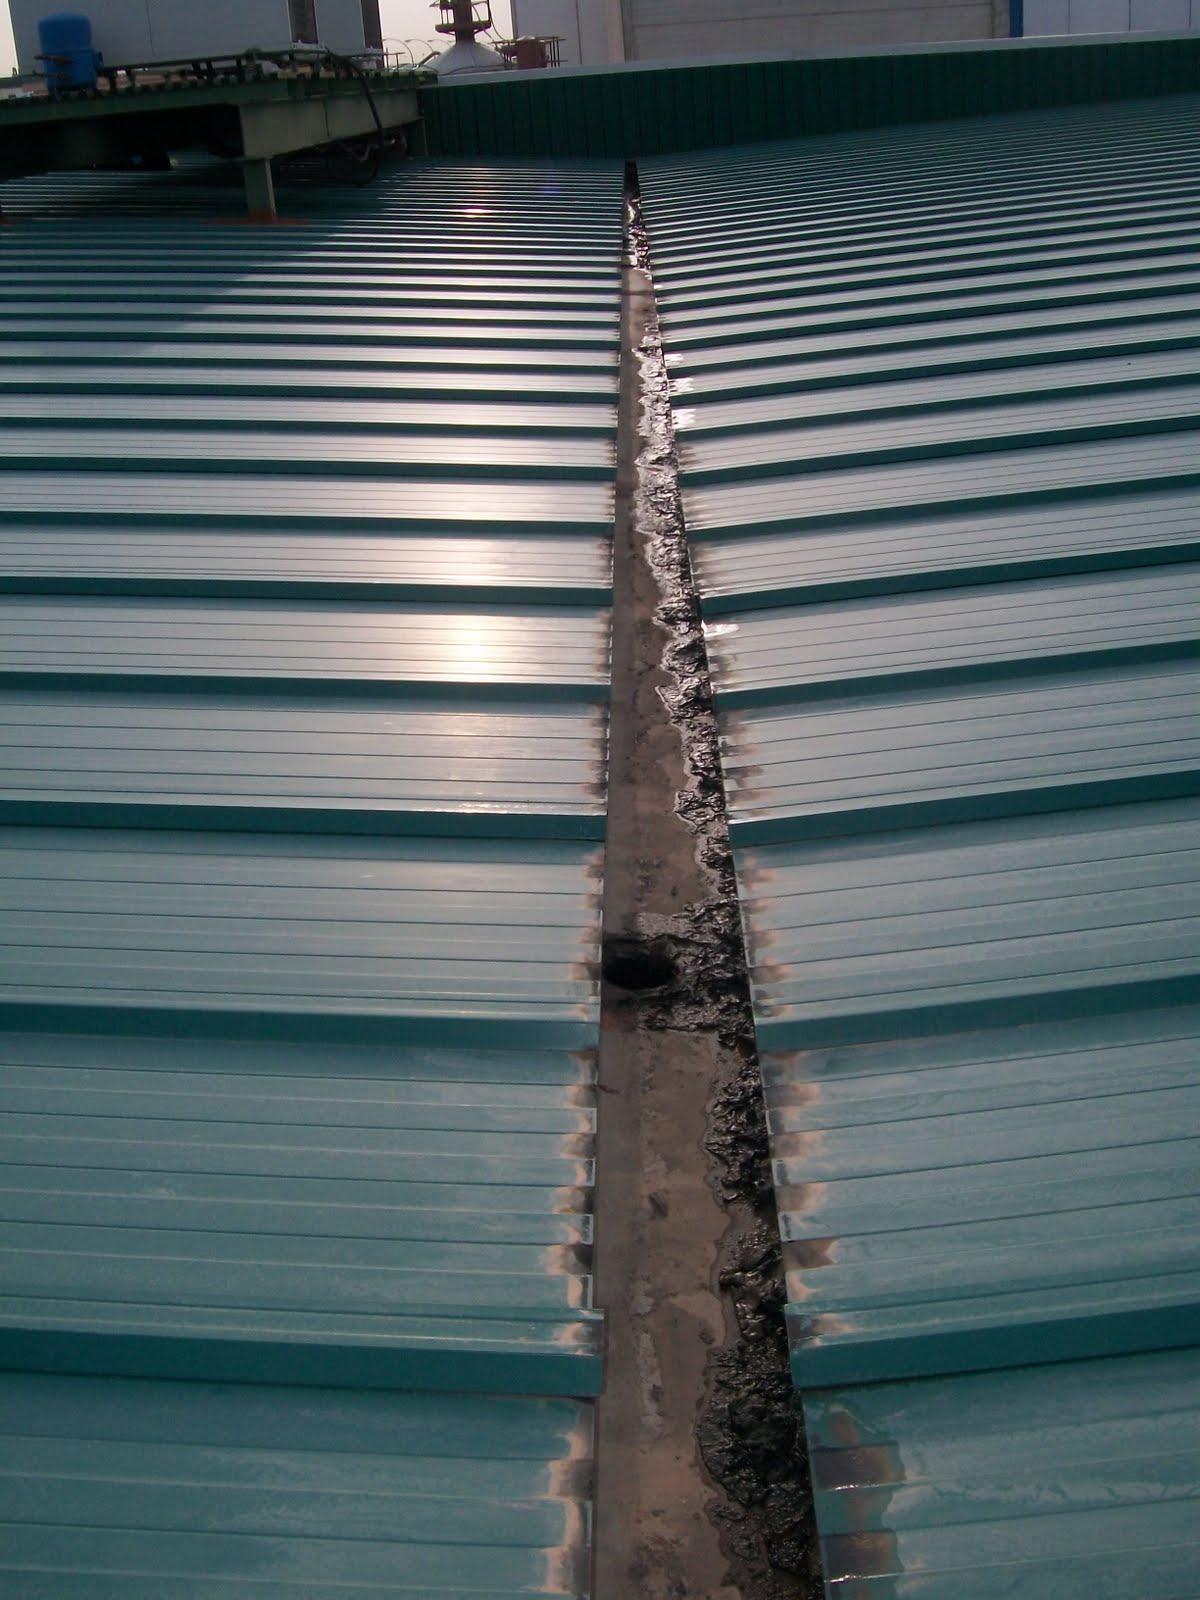 Reparar tejado de chapa en madrid reparar tejado en madrid for Tejados de chapa